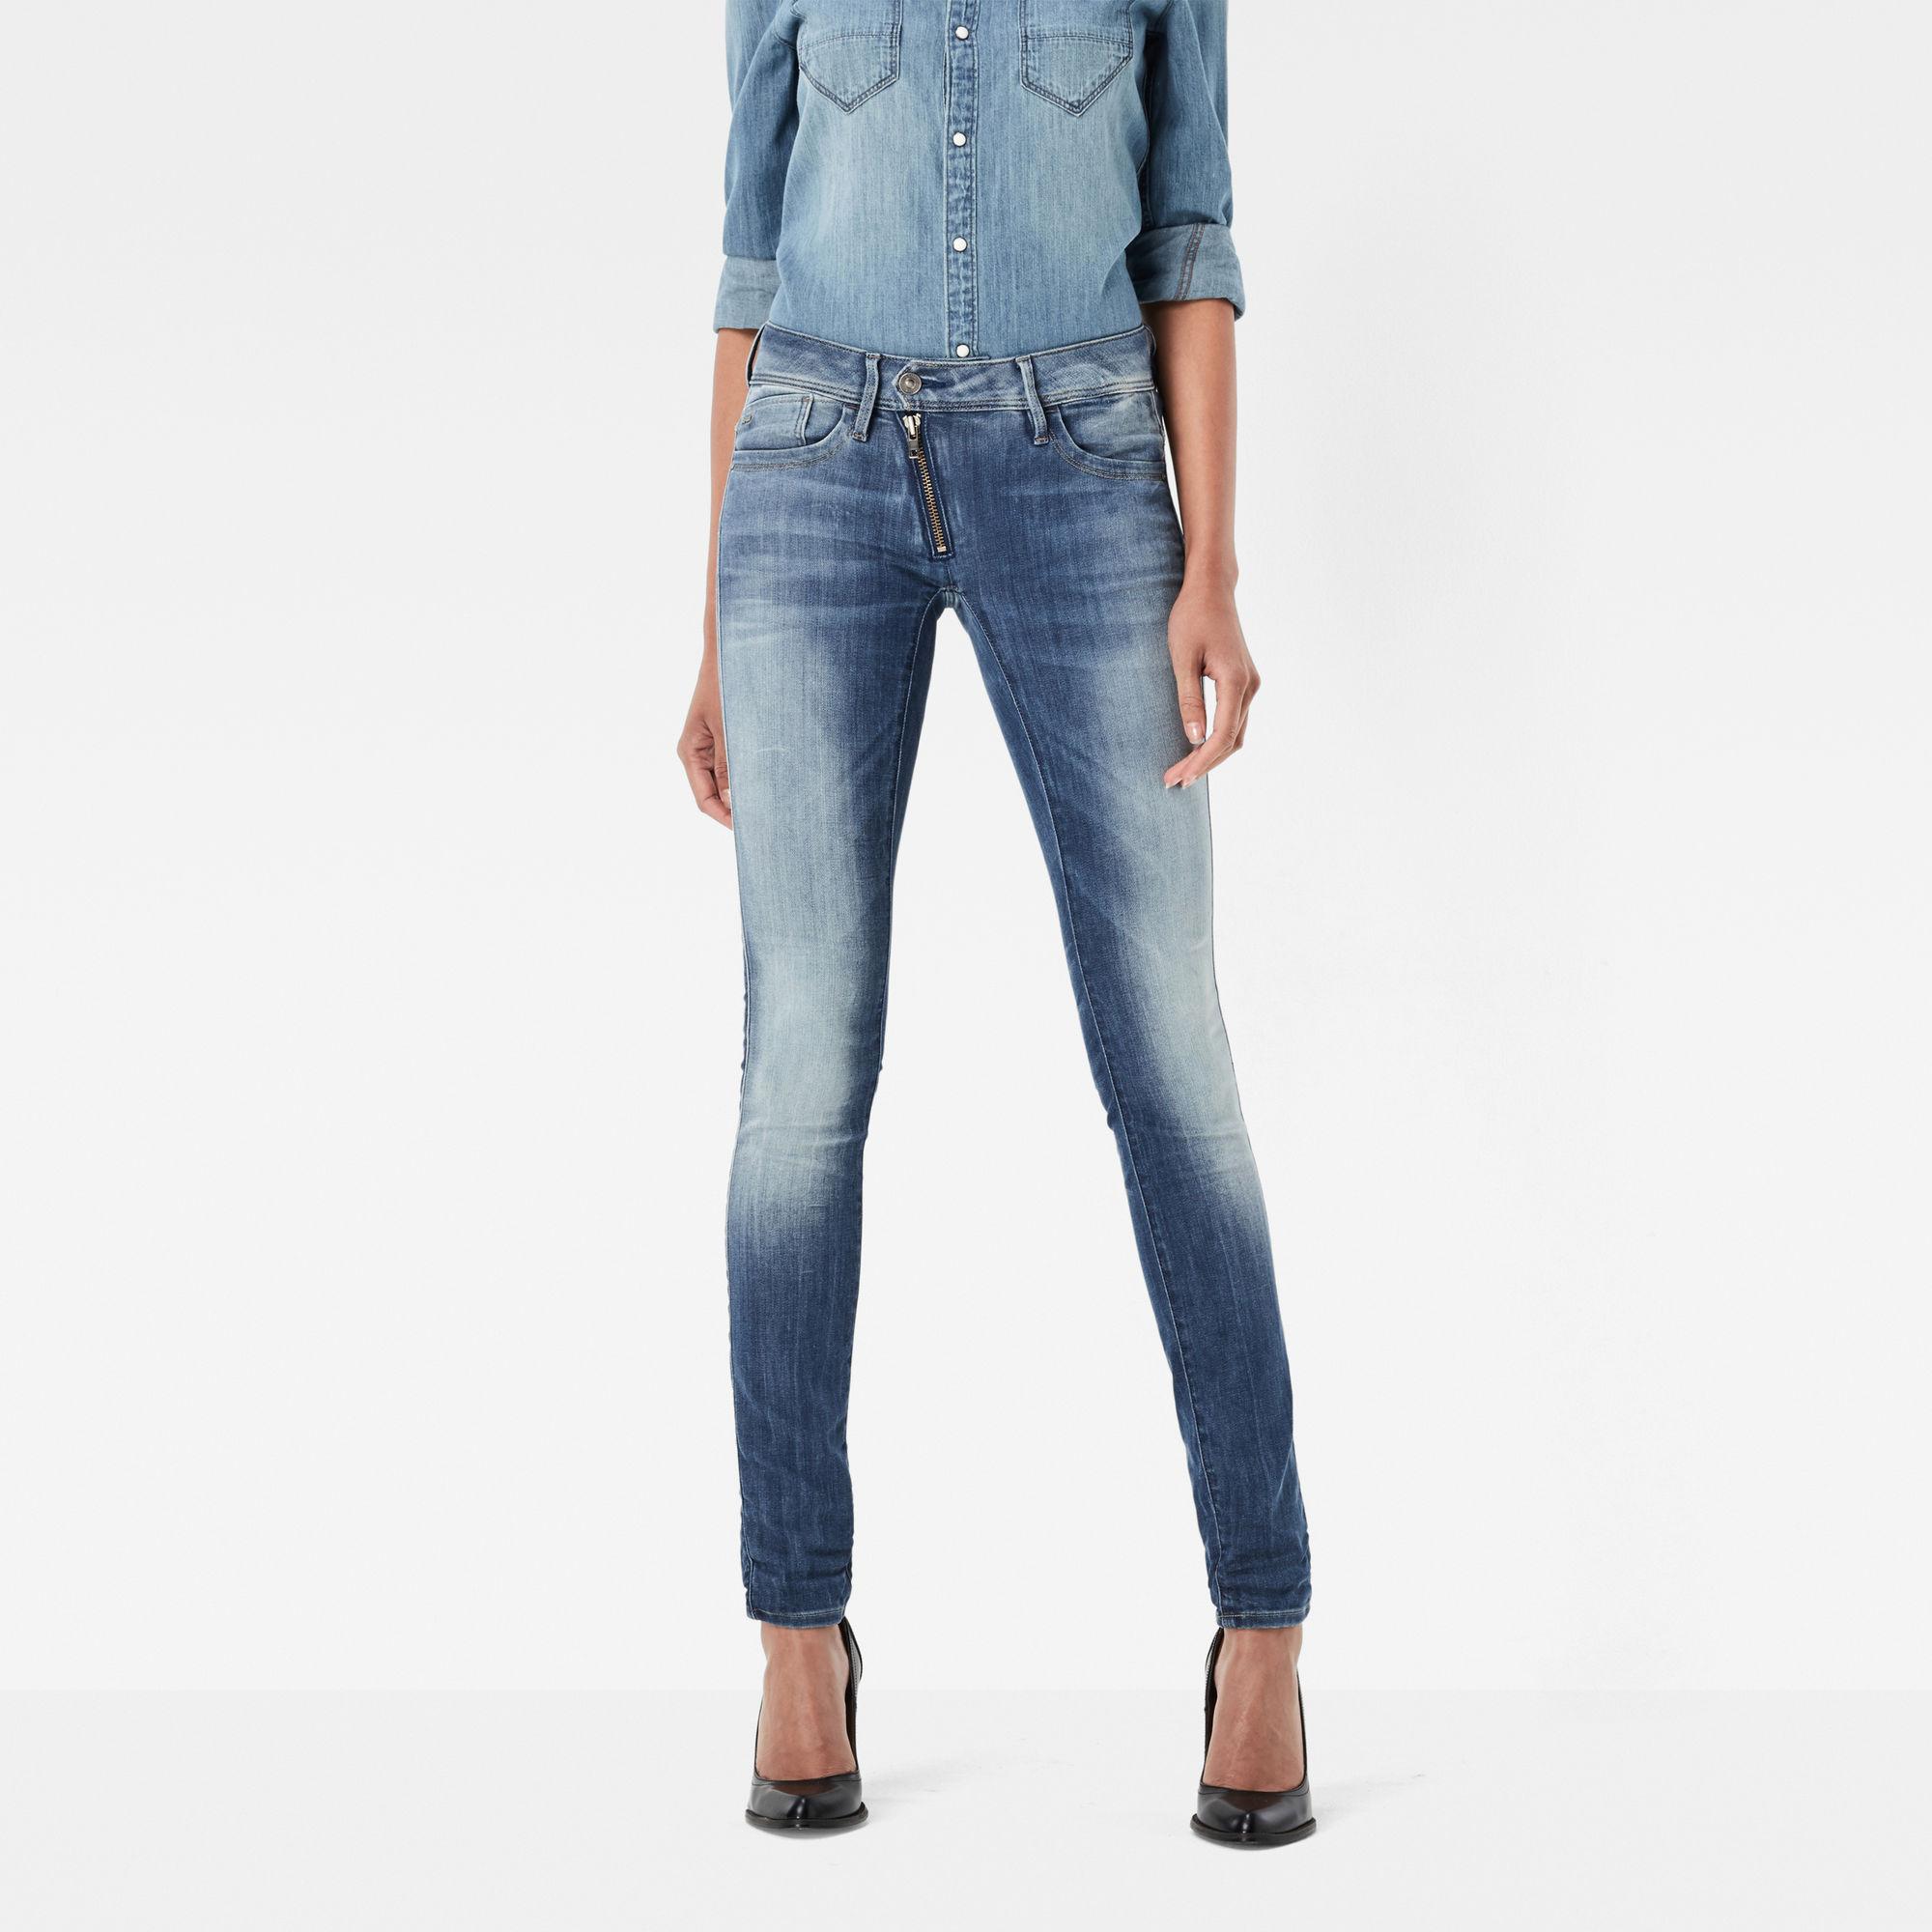 G-Star RAW Dames Lynn Zip Mid Waist Skinny Jeans Blauw